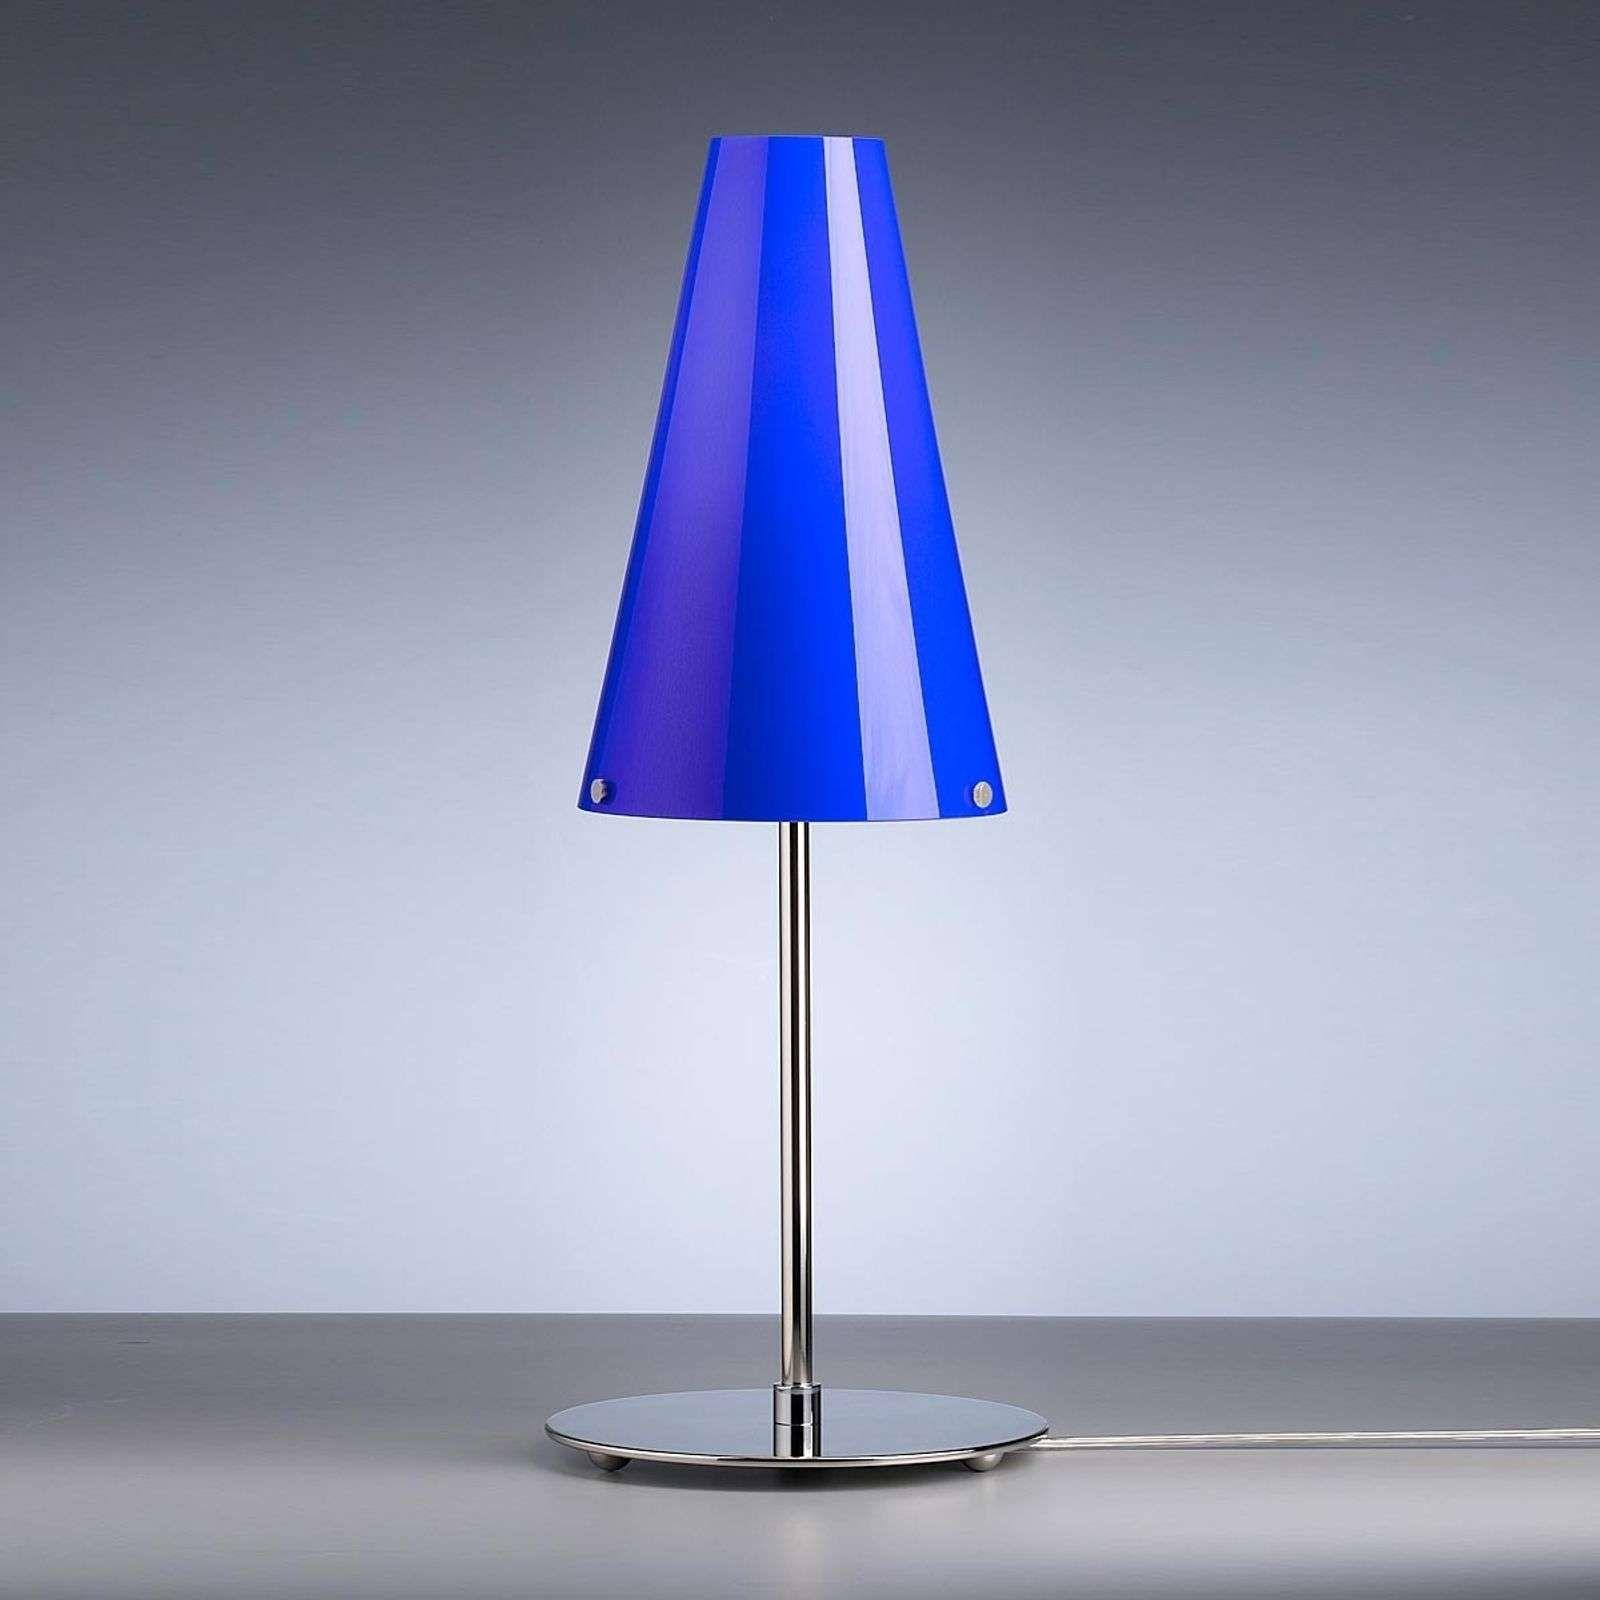 Tafellamp Op Batterijen Action Led Lamp Design Pdf Klassieke Schemerlamp Kopen Tafellamp Hout Kwantum Kwantum Tafellamp Hecto Tafellamp Lampen Led Lamp